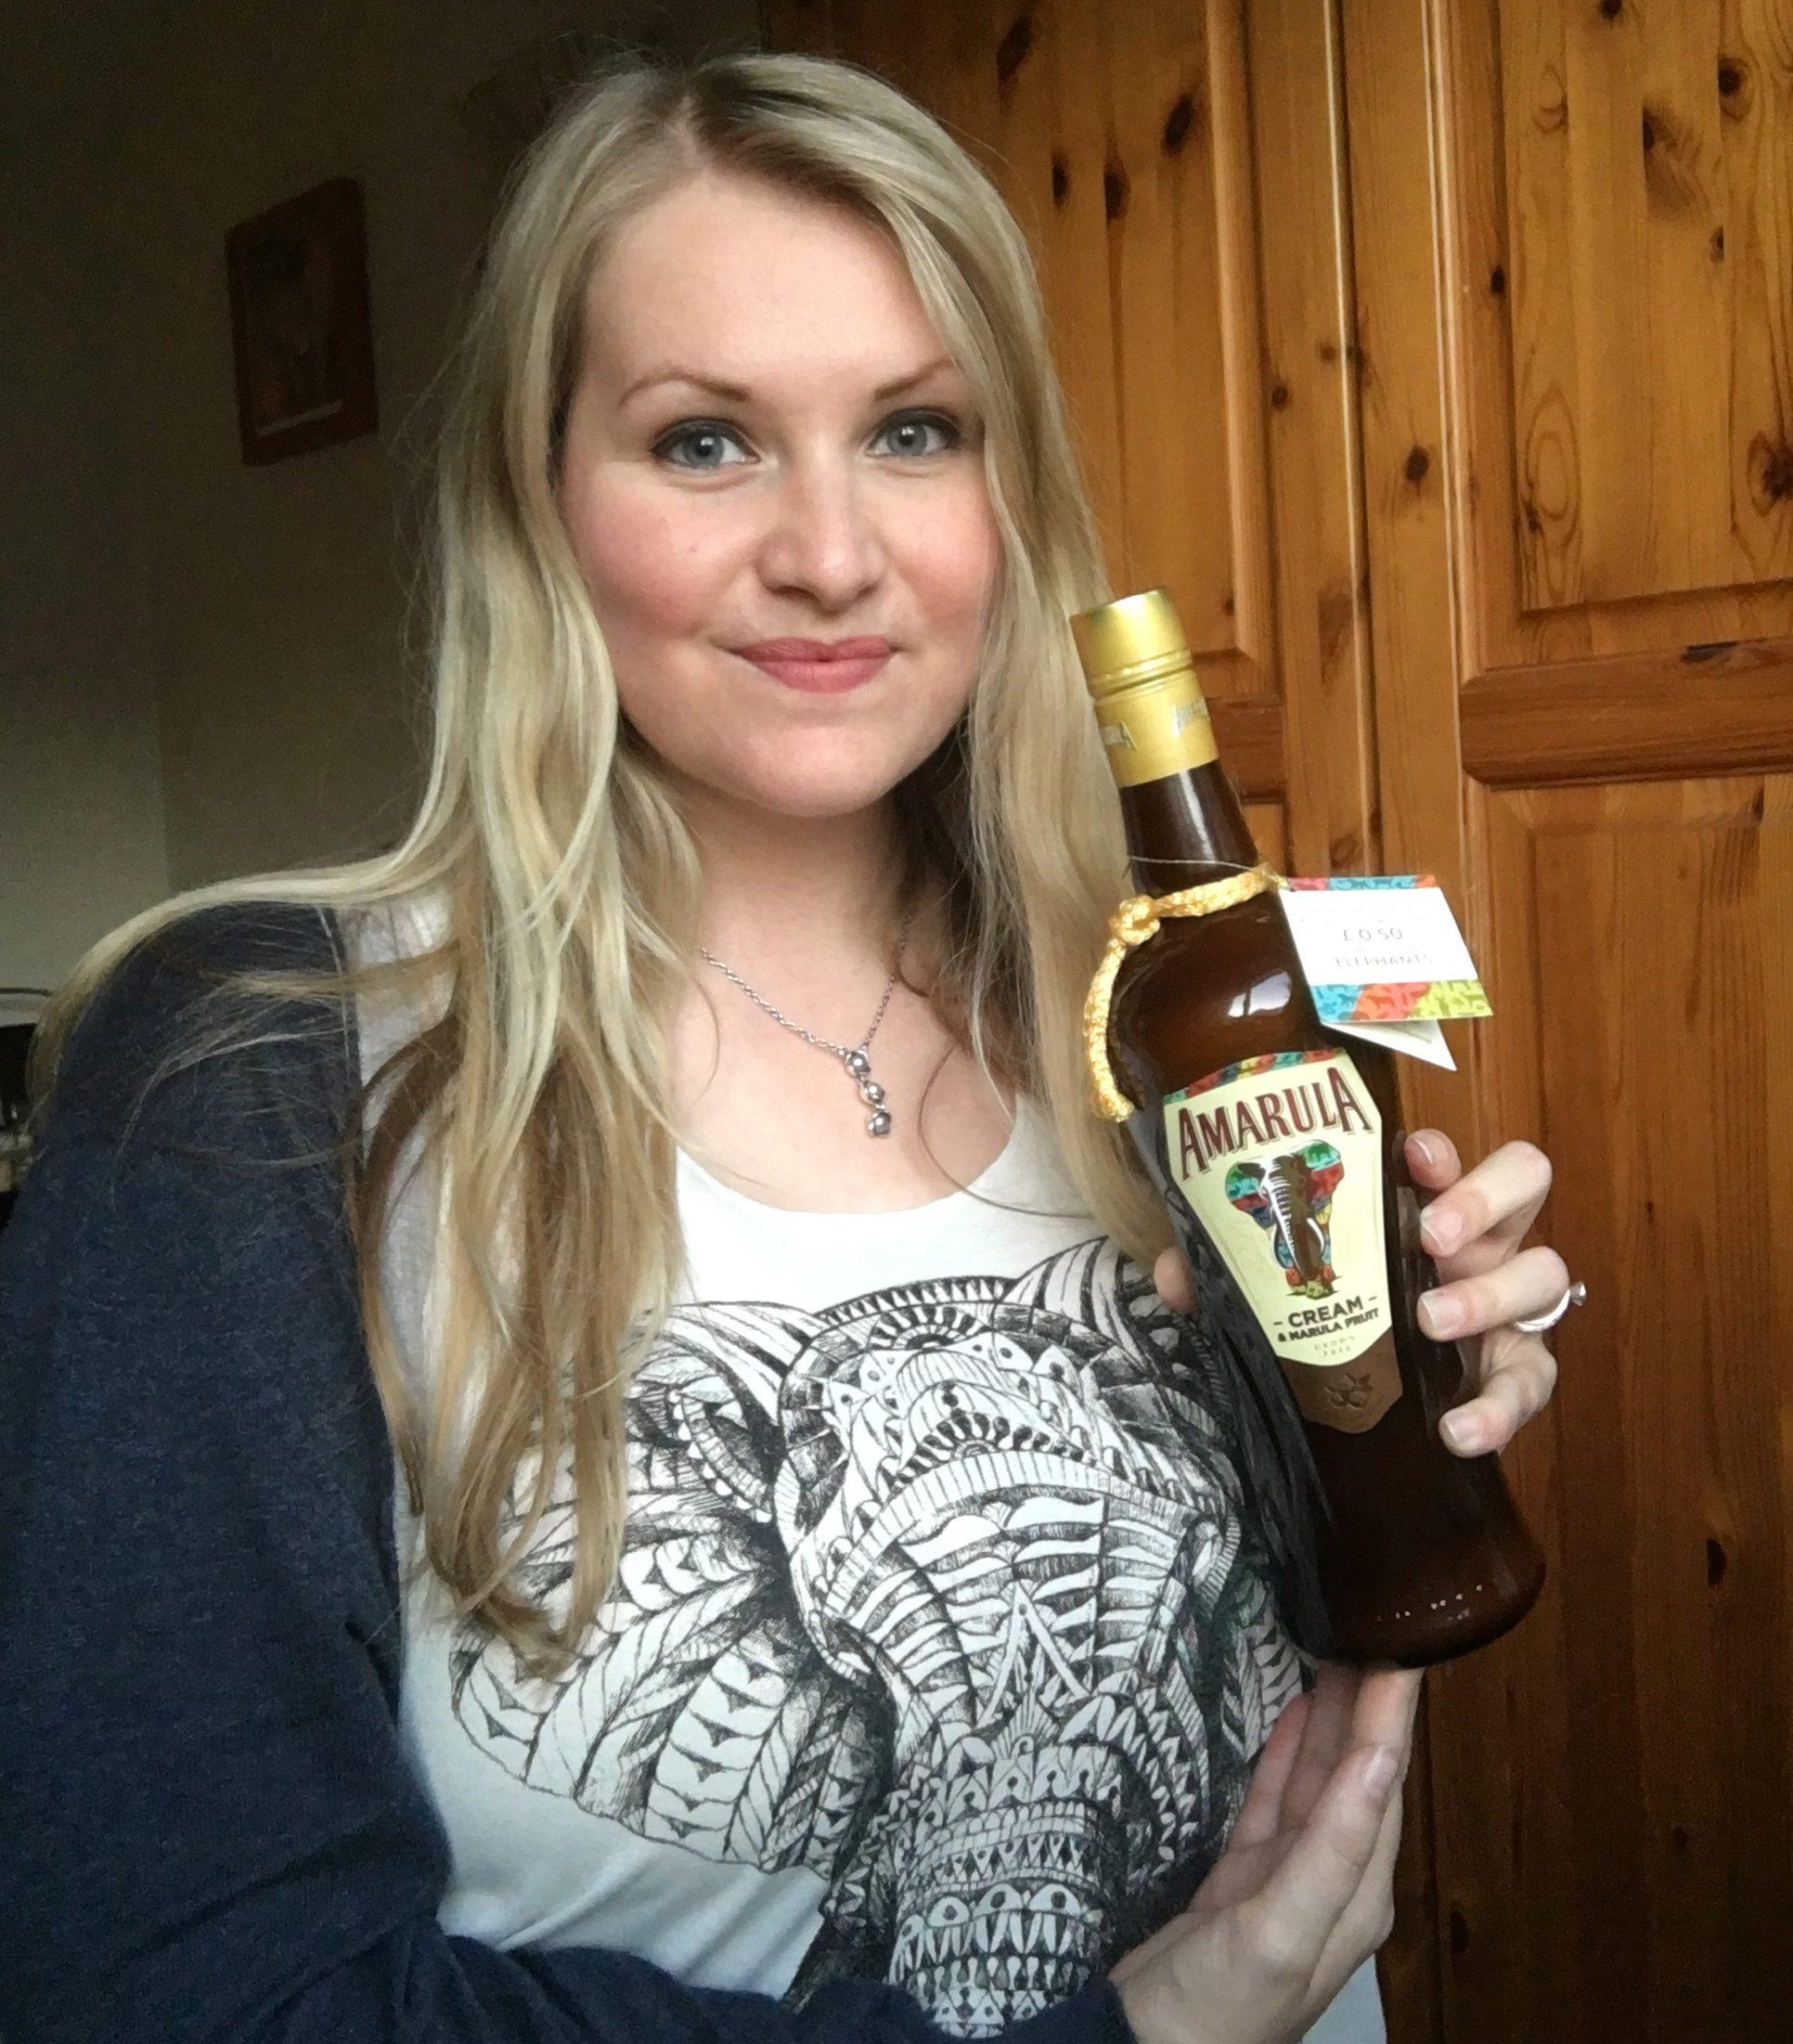 Kate on conservation supports Amarula elephant initiative